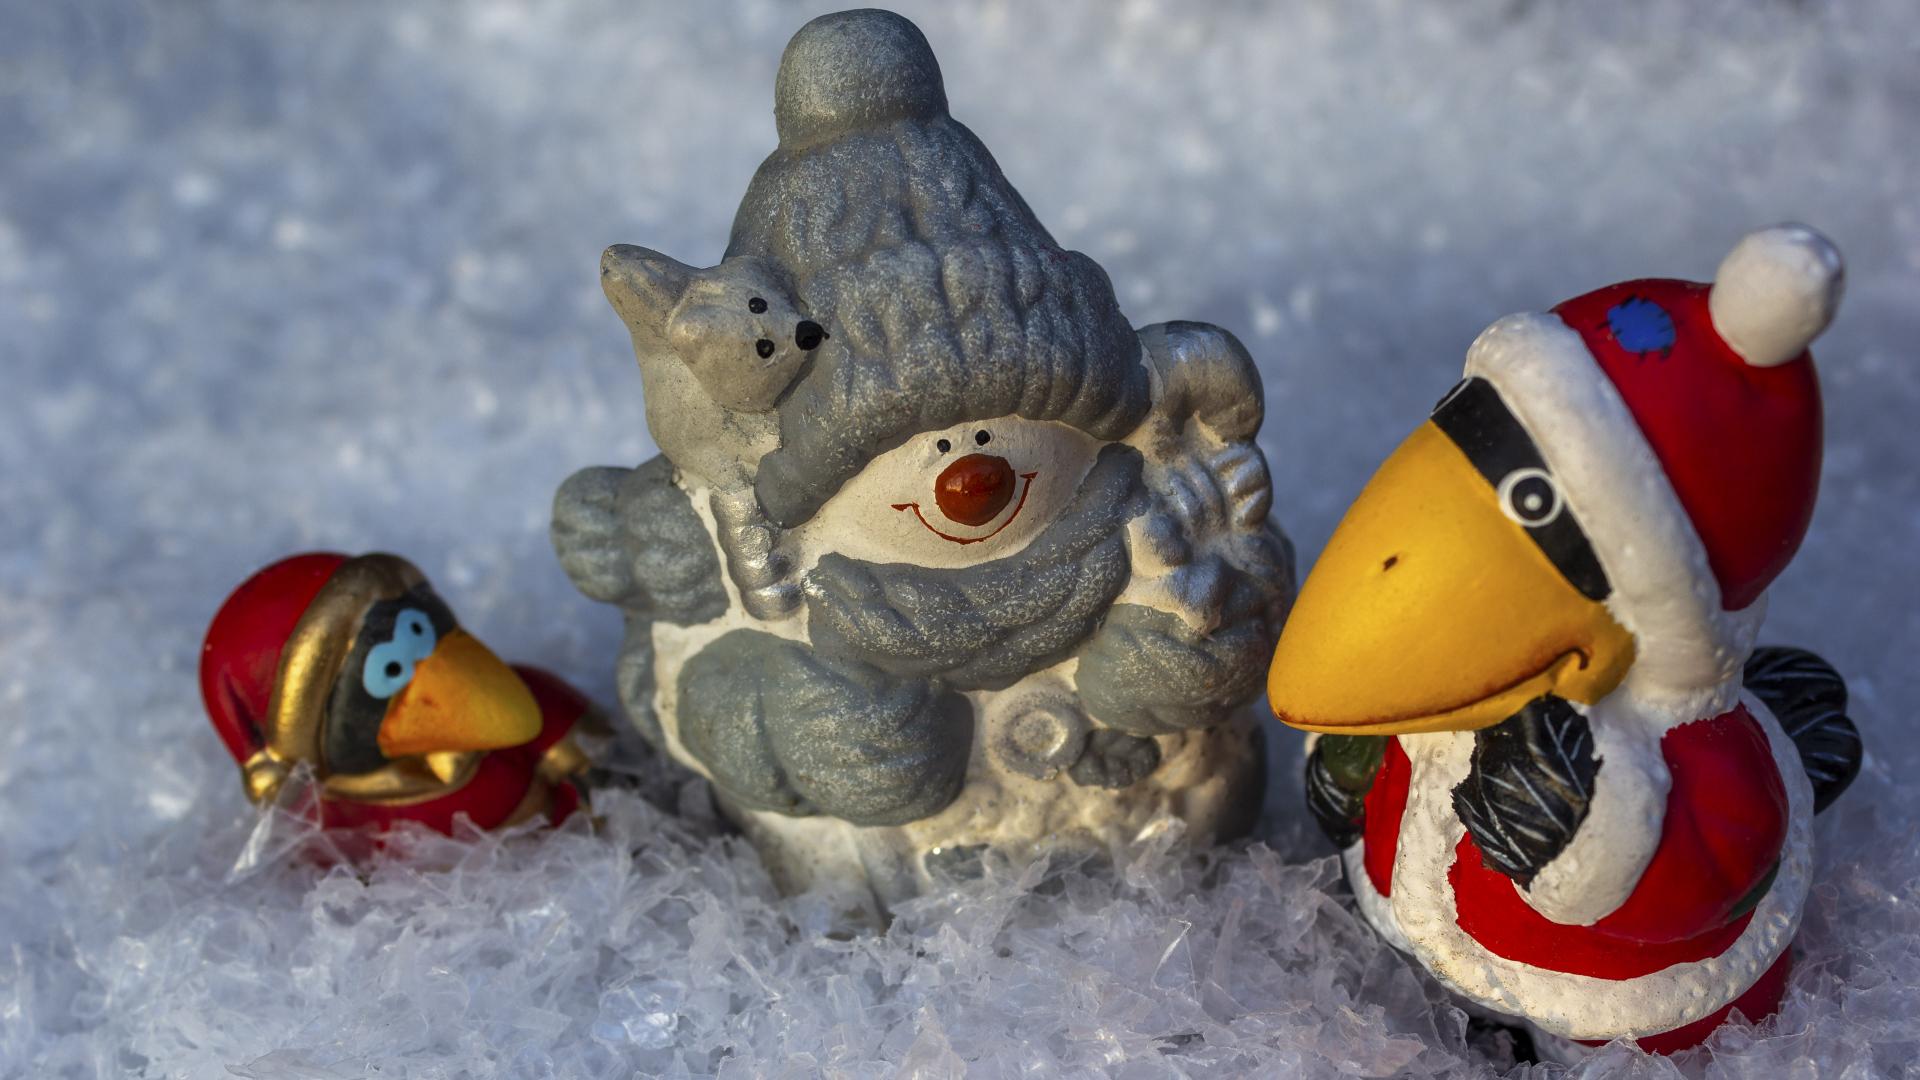 Hintergrundbild Weihnachten Schneemann Mit Vogeln